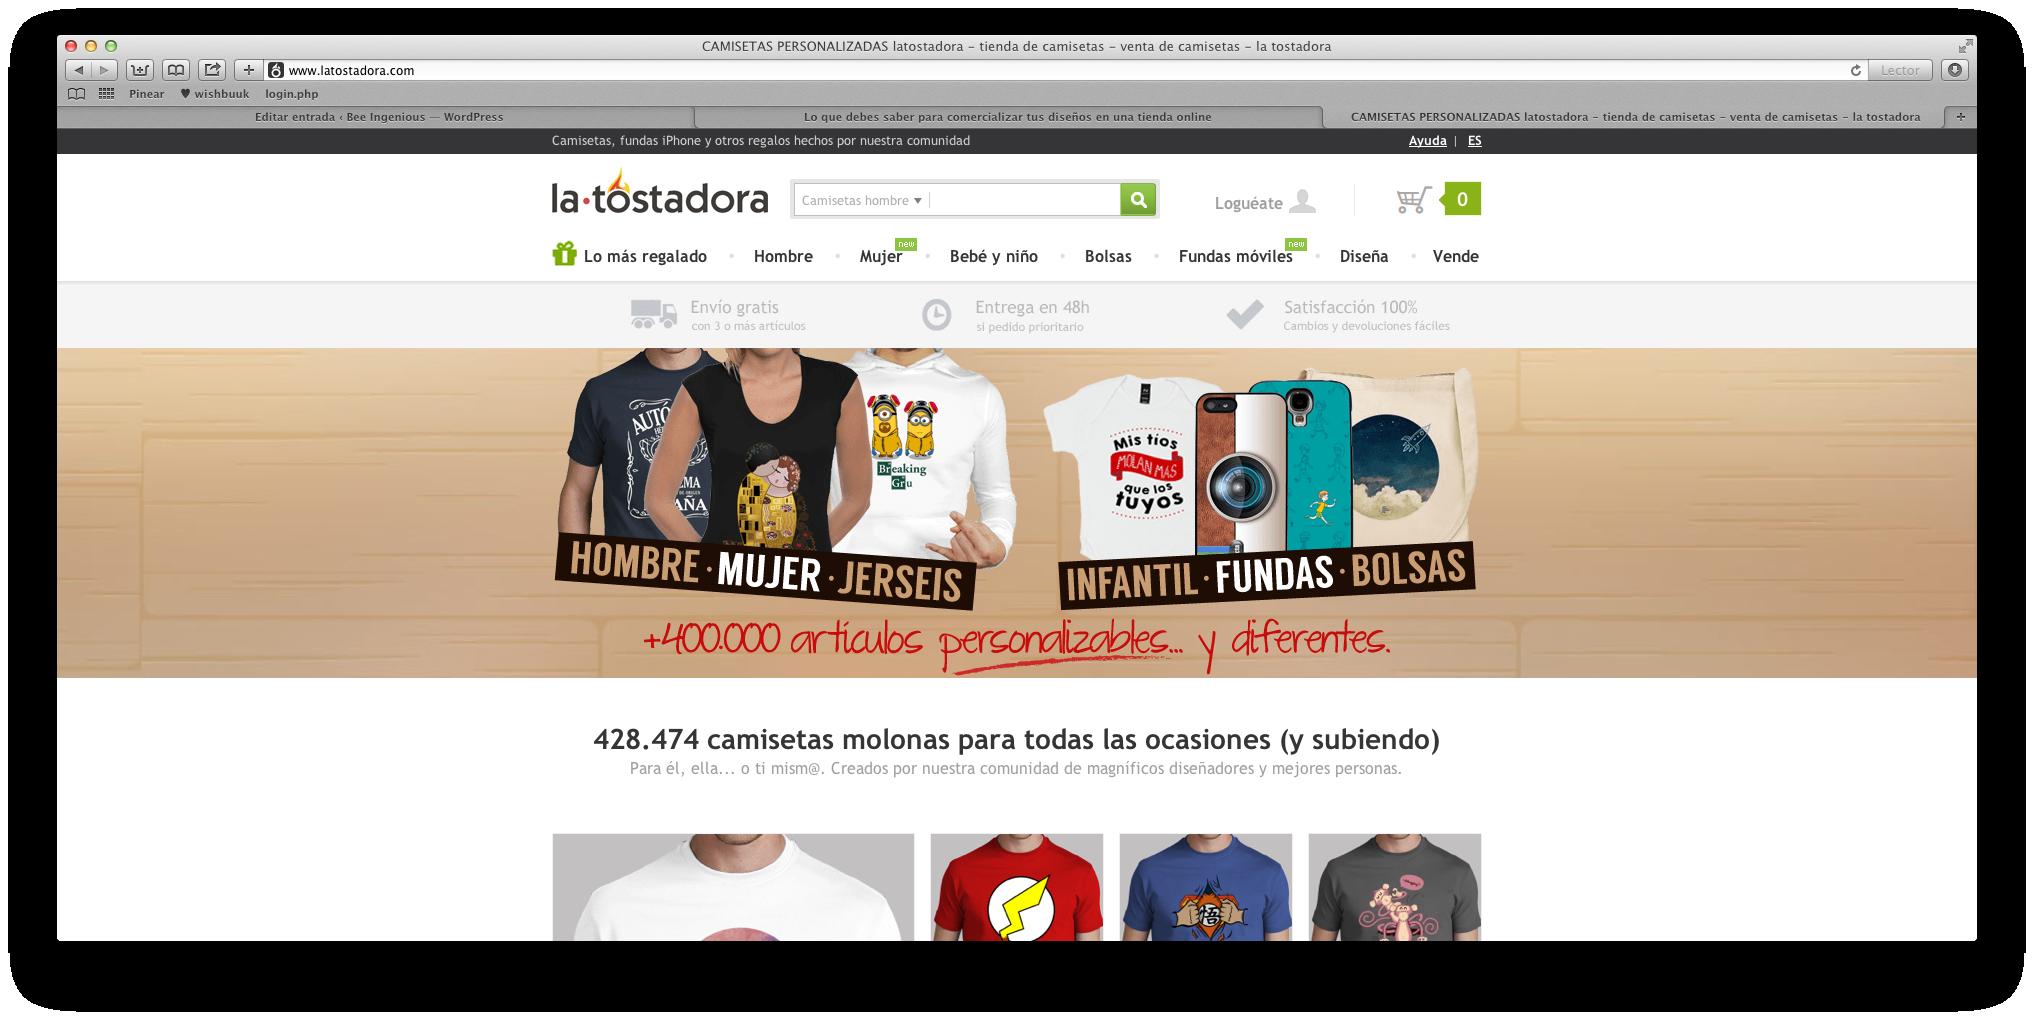 La Tostadora  desde esta página podrás vender sólo en España y Europa f8135d049943e